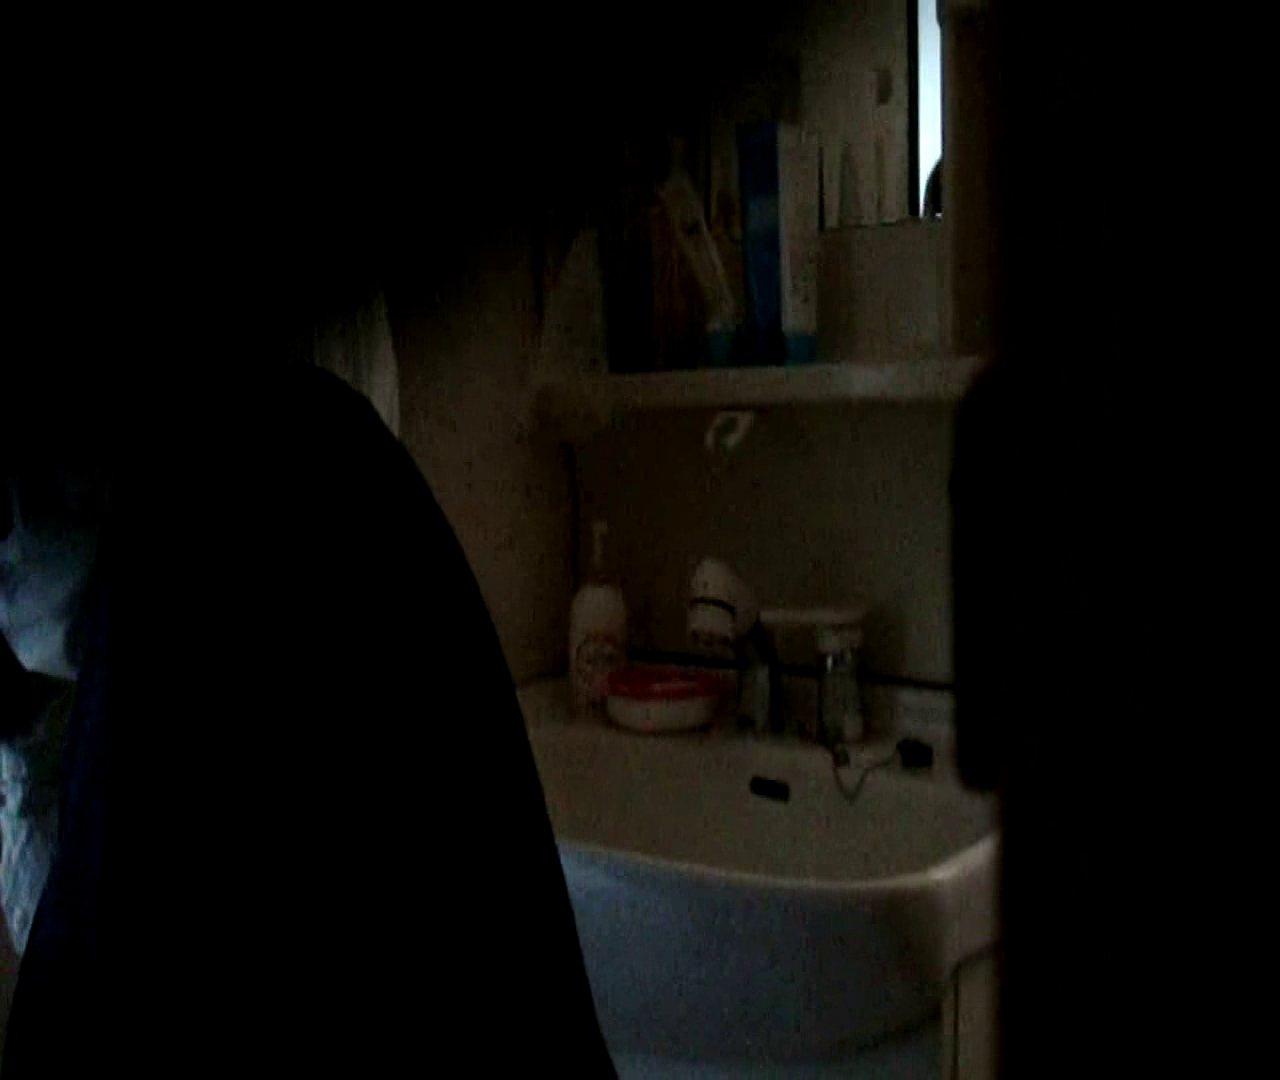 二人とも育てた甲斐がありました… vol.05 まどかが洗顔後にブラを洗濯 盗撮シリーズ  79PIX 4